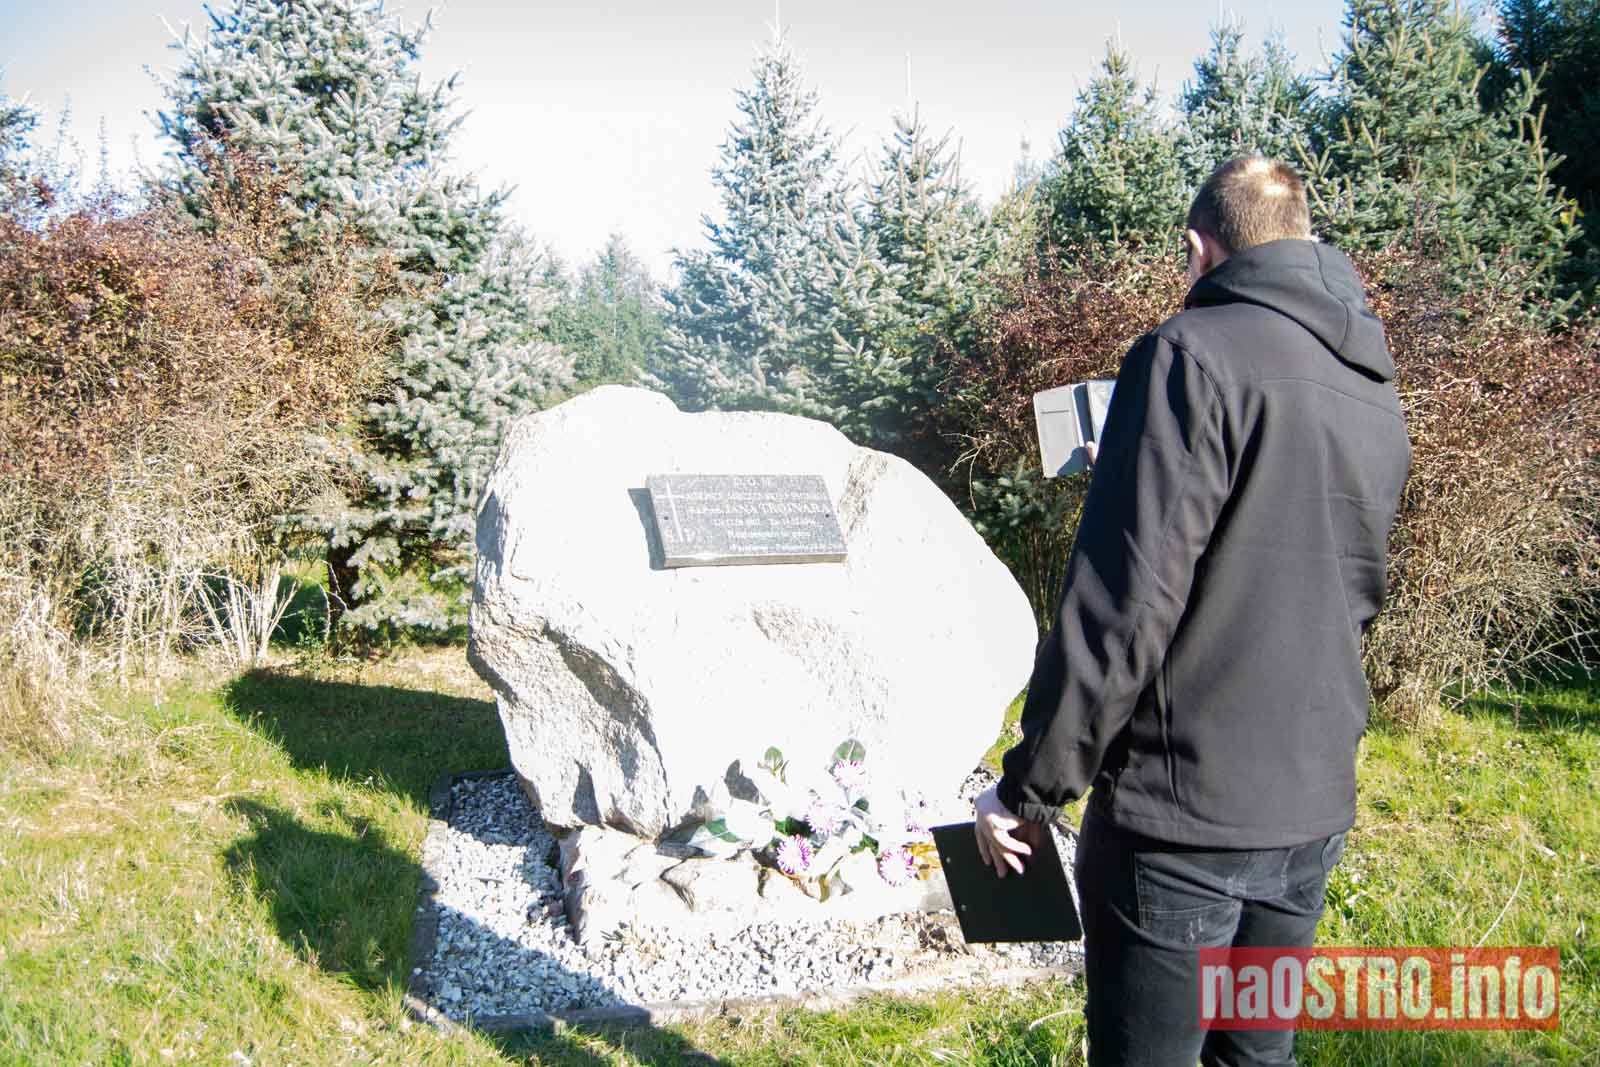 NaOSTROinfo Wycieczka objazdowa Ziemii Ostrowieckiej-31